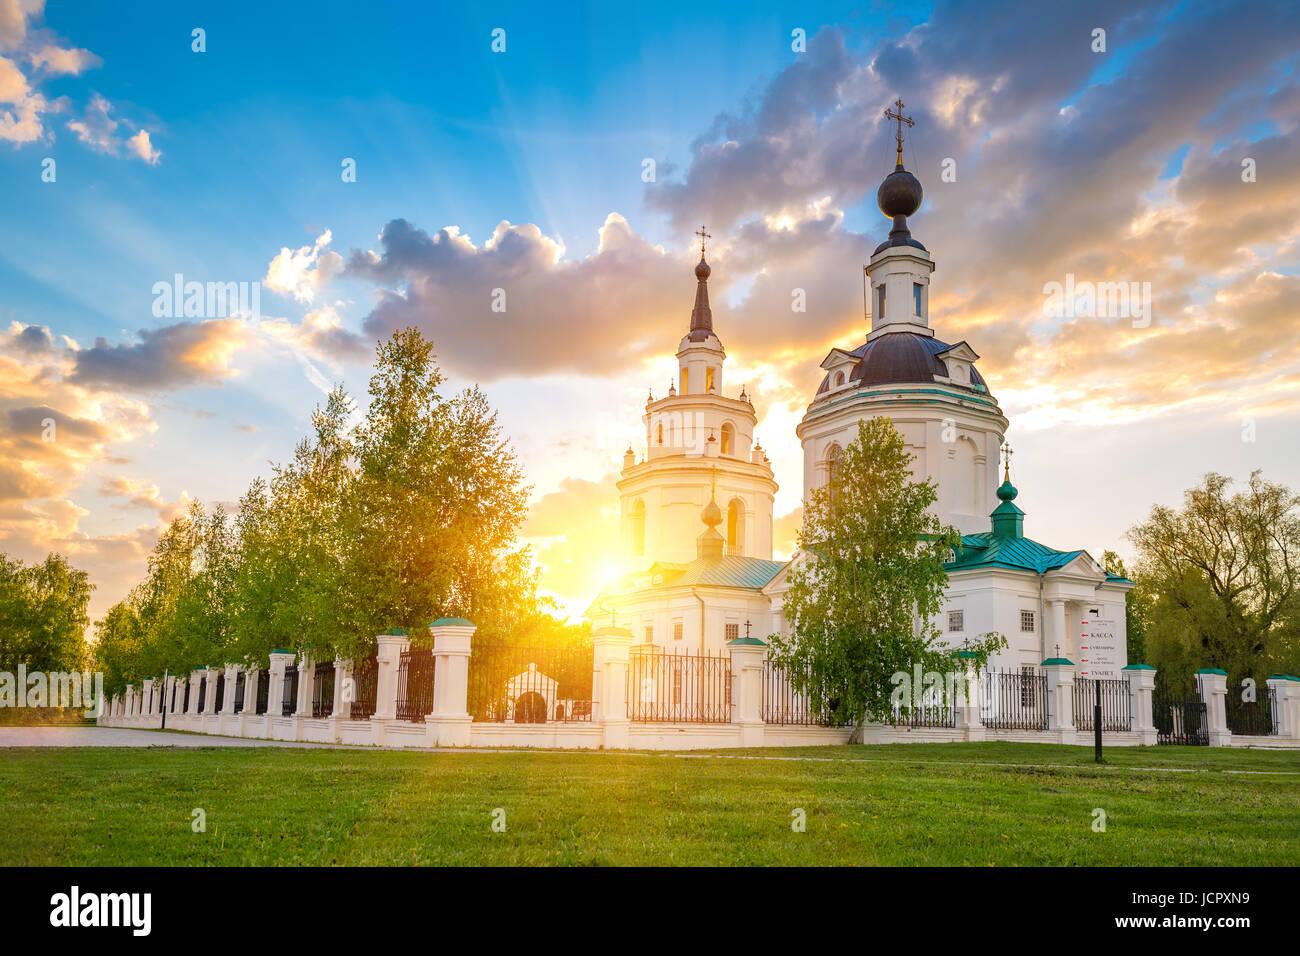 Nubes sobre la Iglesia ortodoxa rusa al atardecer. Bolshoe Boldino, Rusia Imagen De Stock